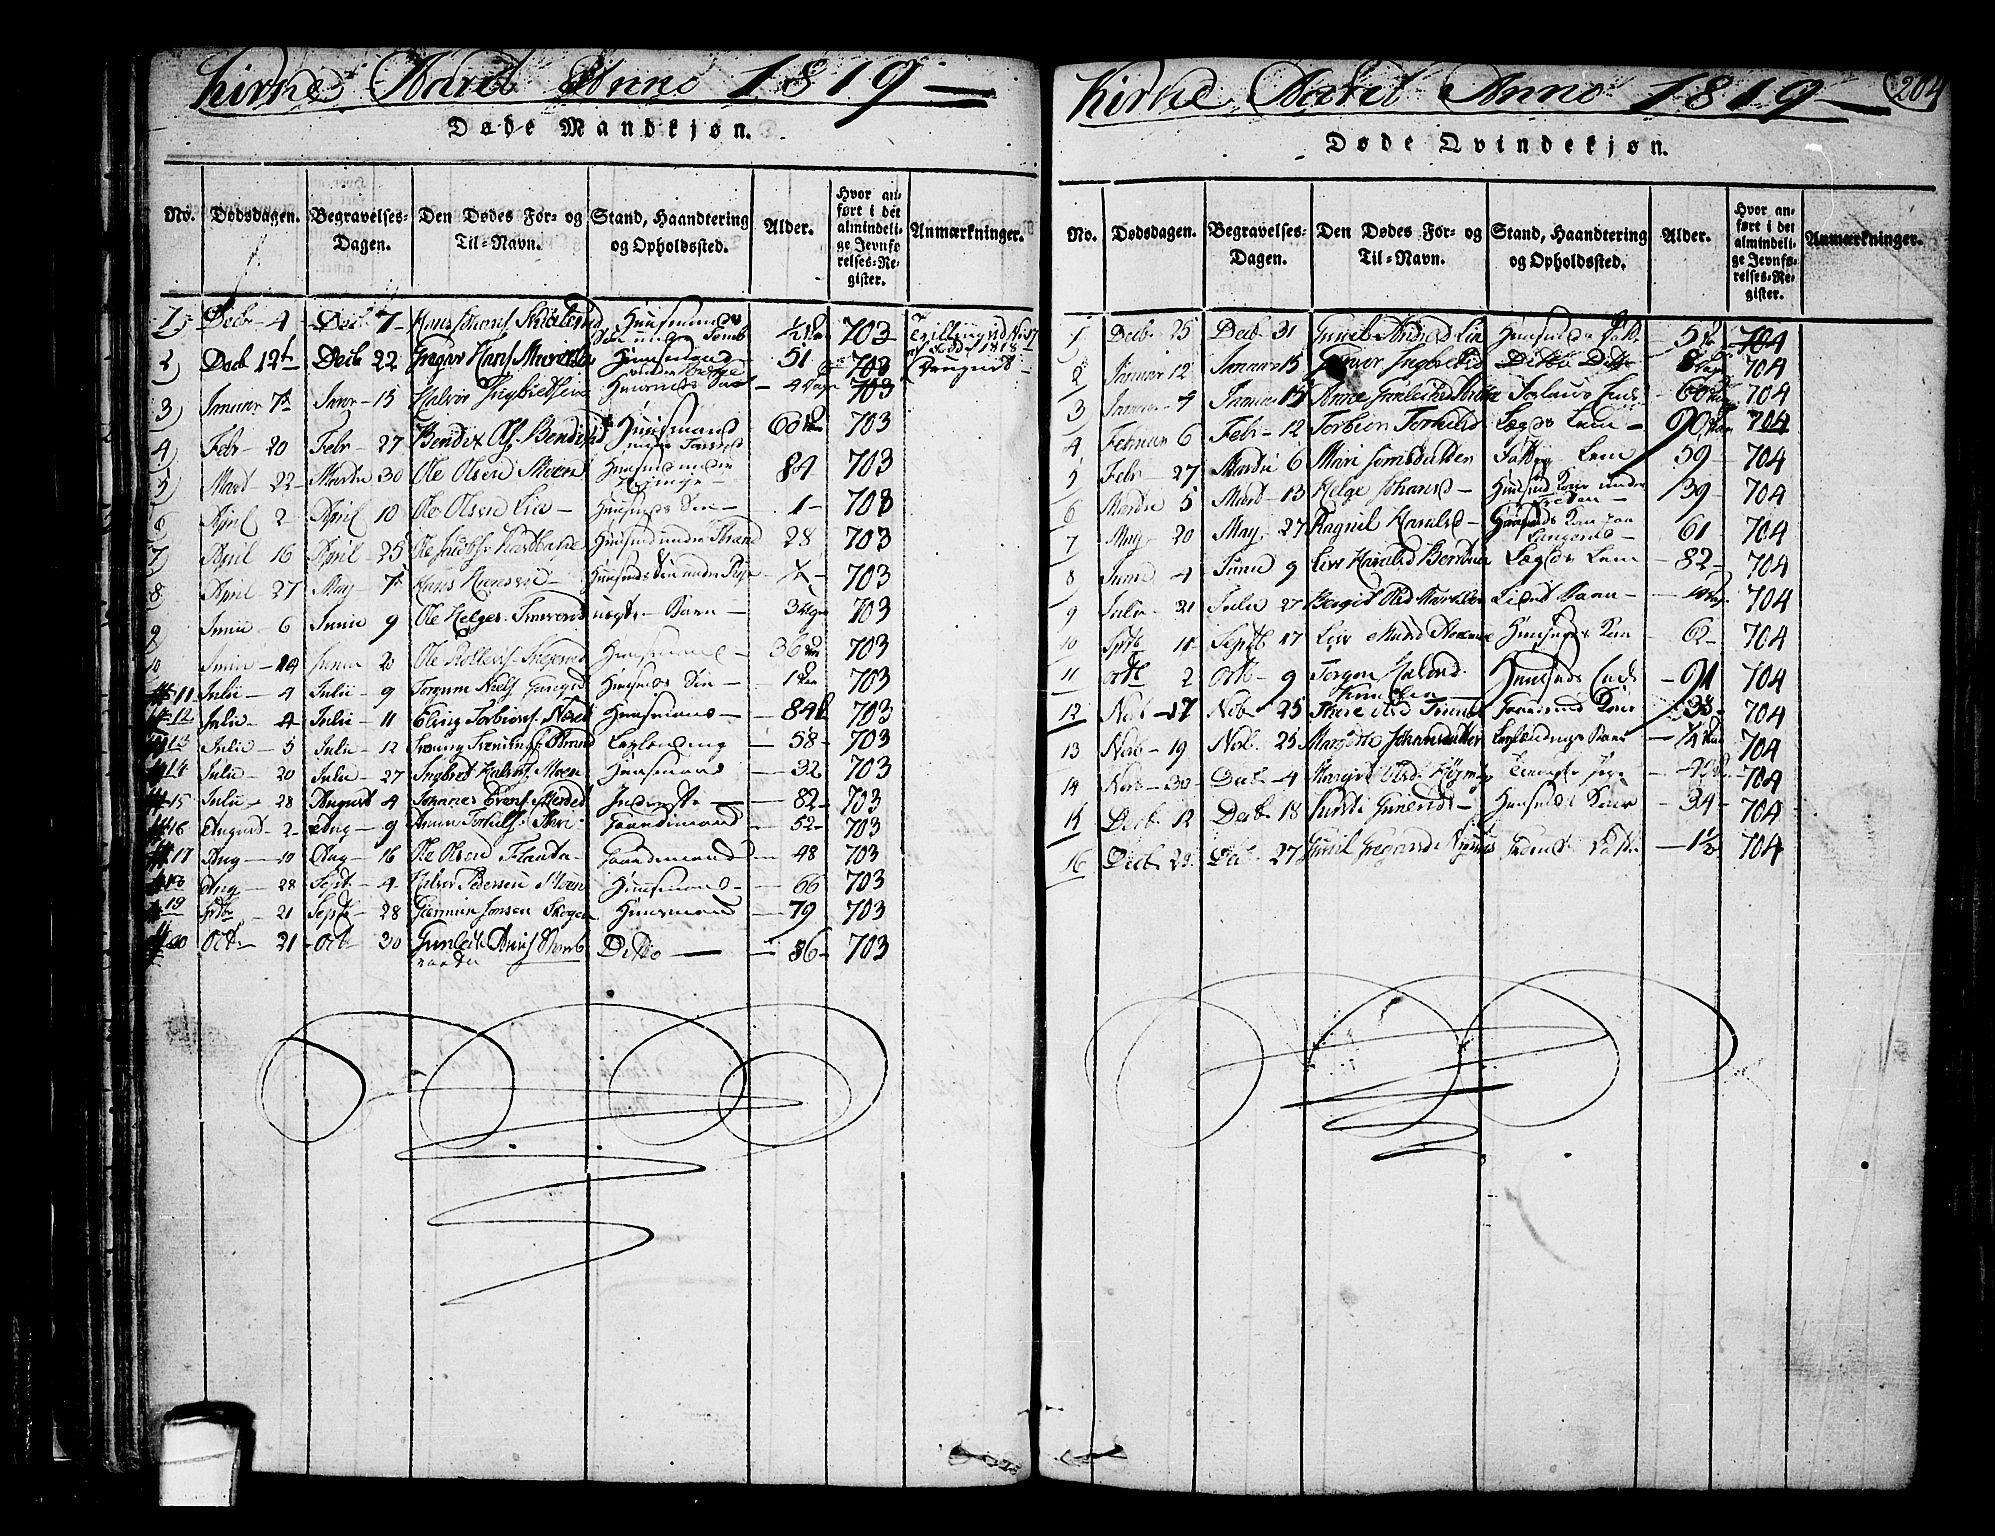 SAKO, Heddal kirkebøker, F/Fa/L0005: Ministerialbok nr. I 5, 1814-1837, s. 203-204